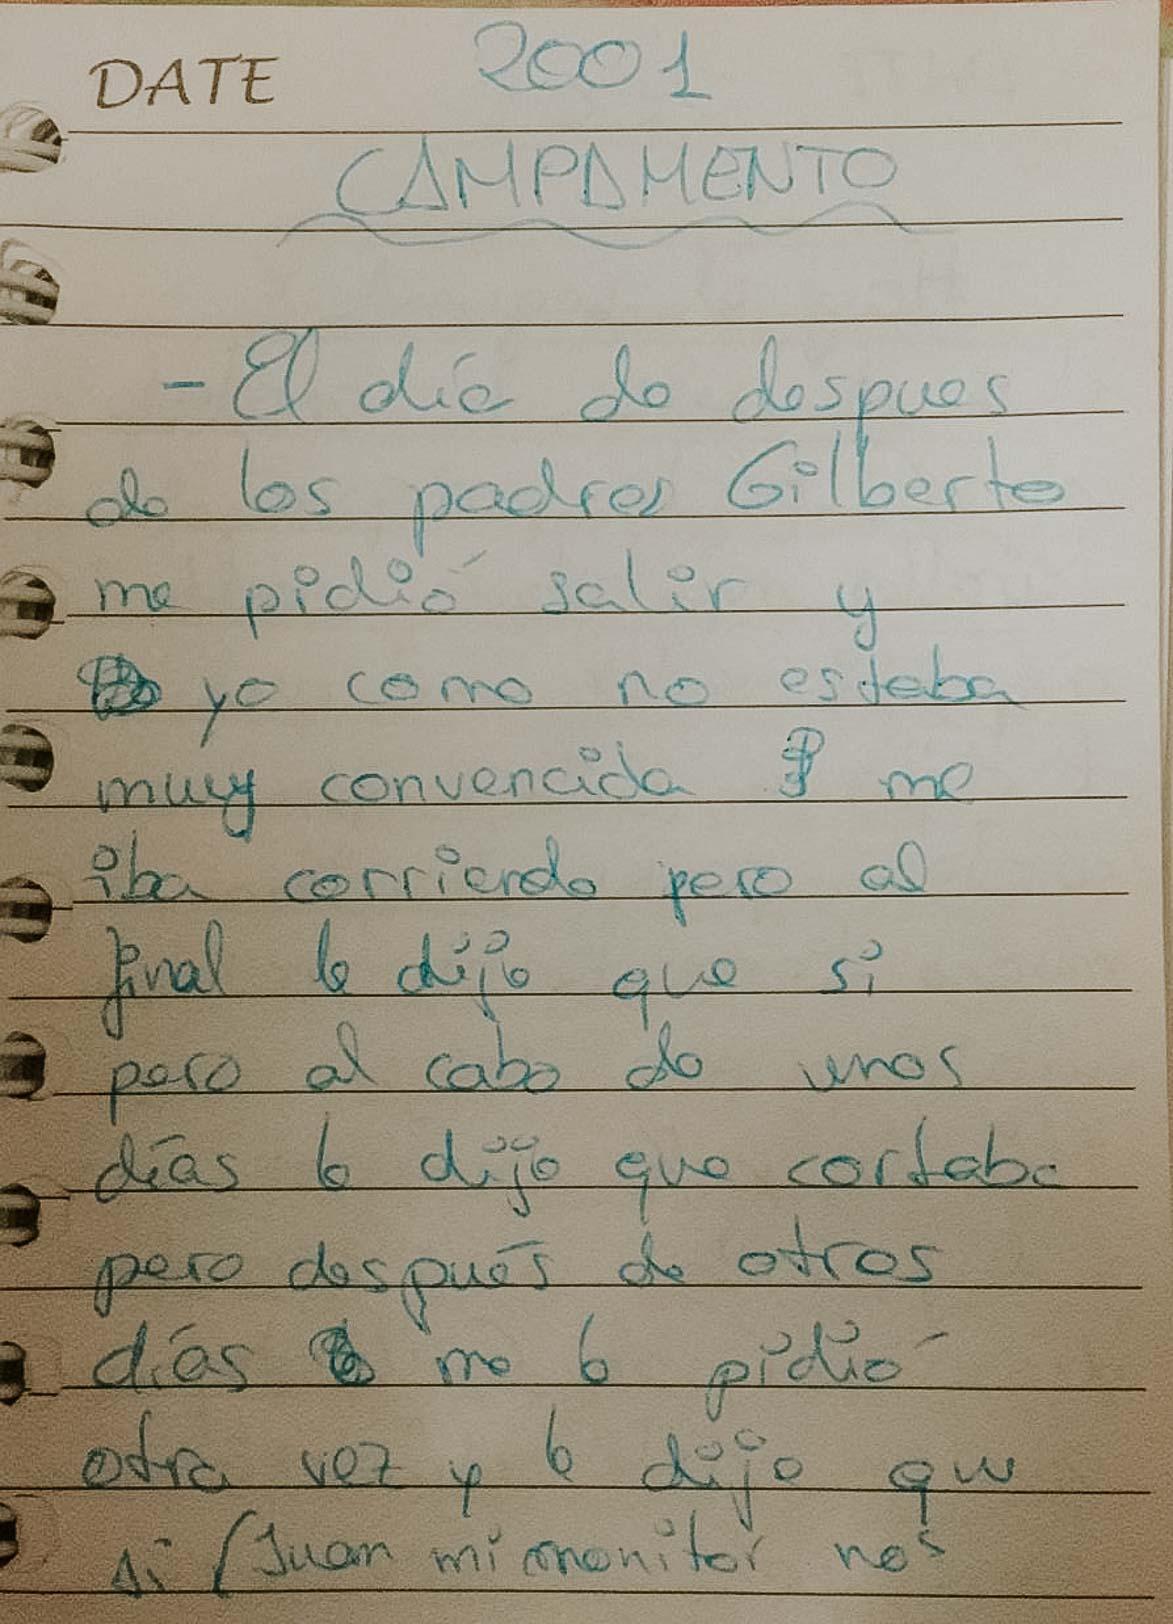 Diario Carla & Gilberto